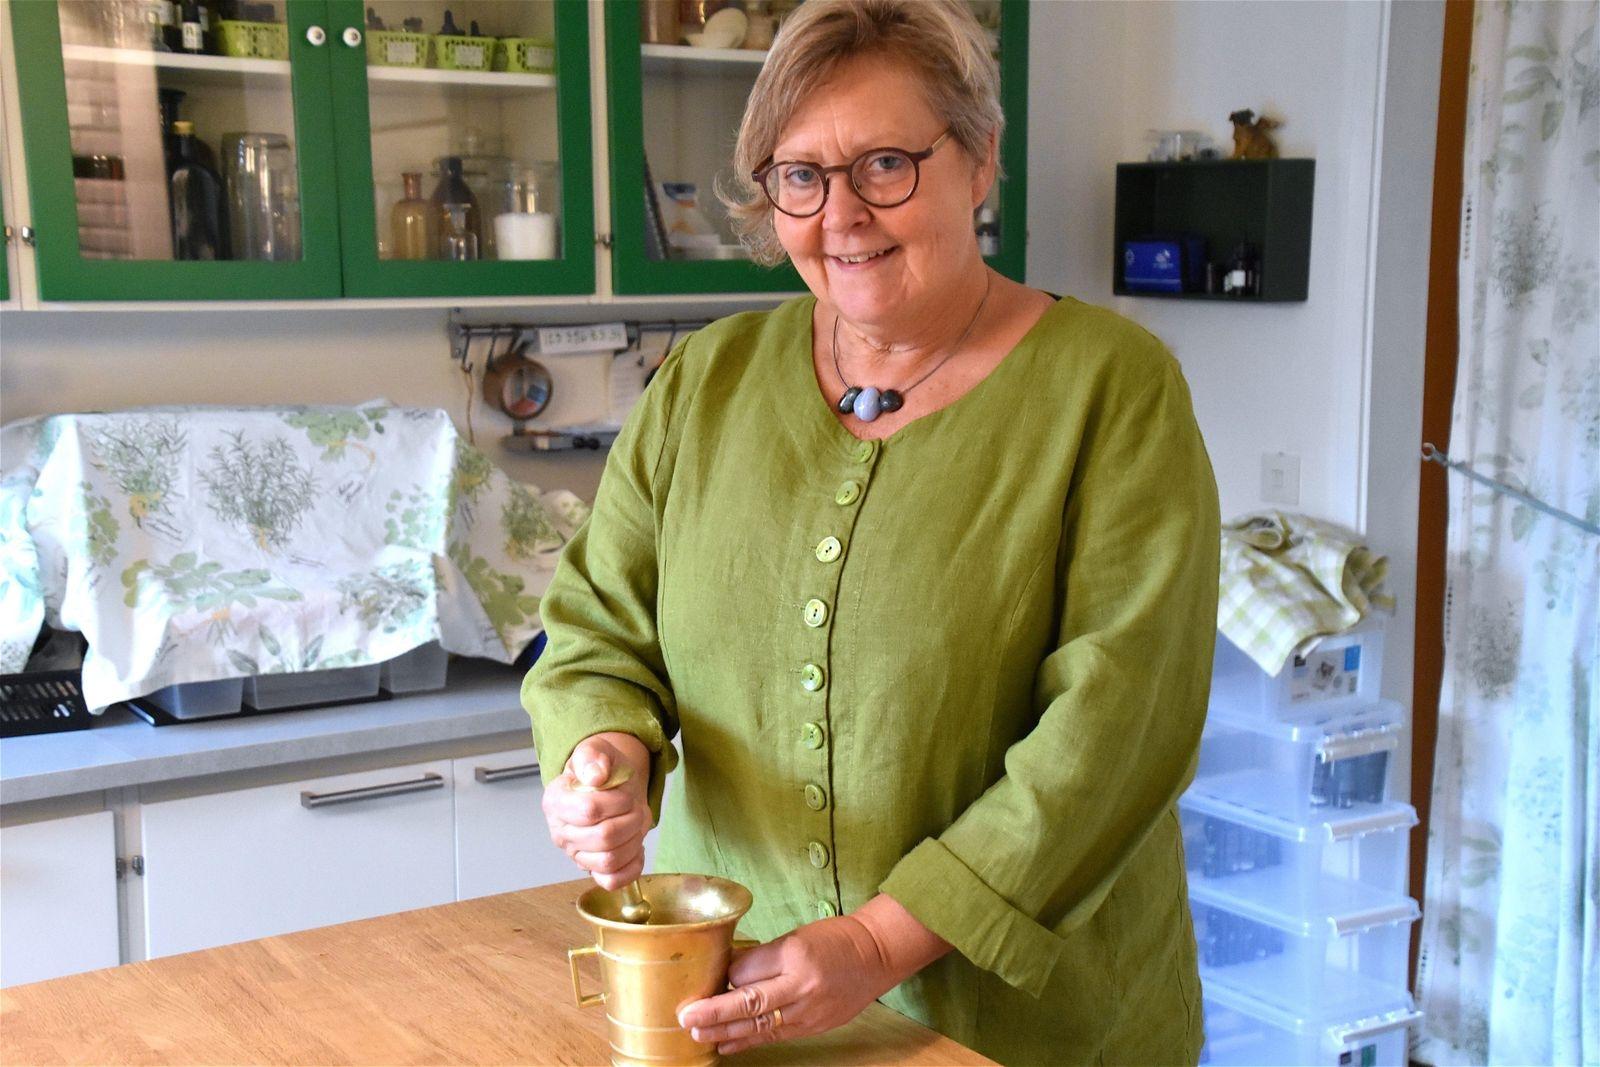 Örtterapeuten Eva Olsson från Herbasensia ger tips om hur du bäst odlar och tillvaratar både läkeväxter och ogräs i din trädgård. Söndag klockan 11.00.